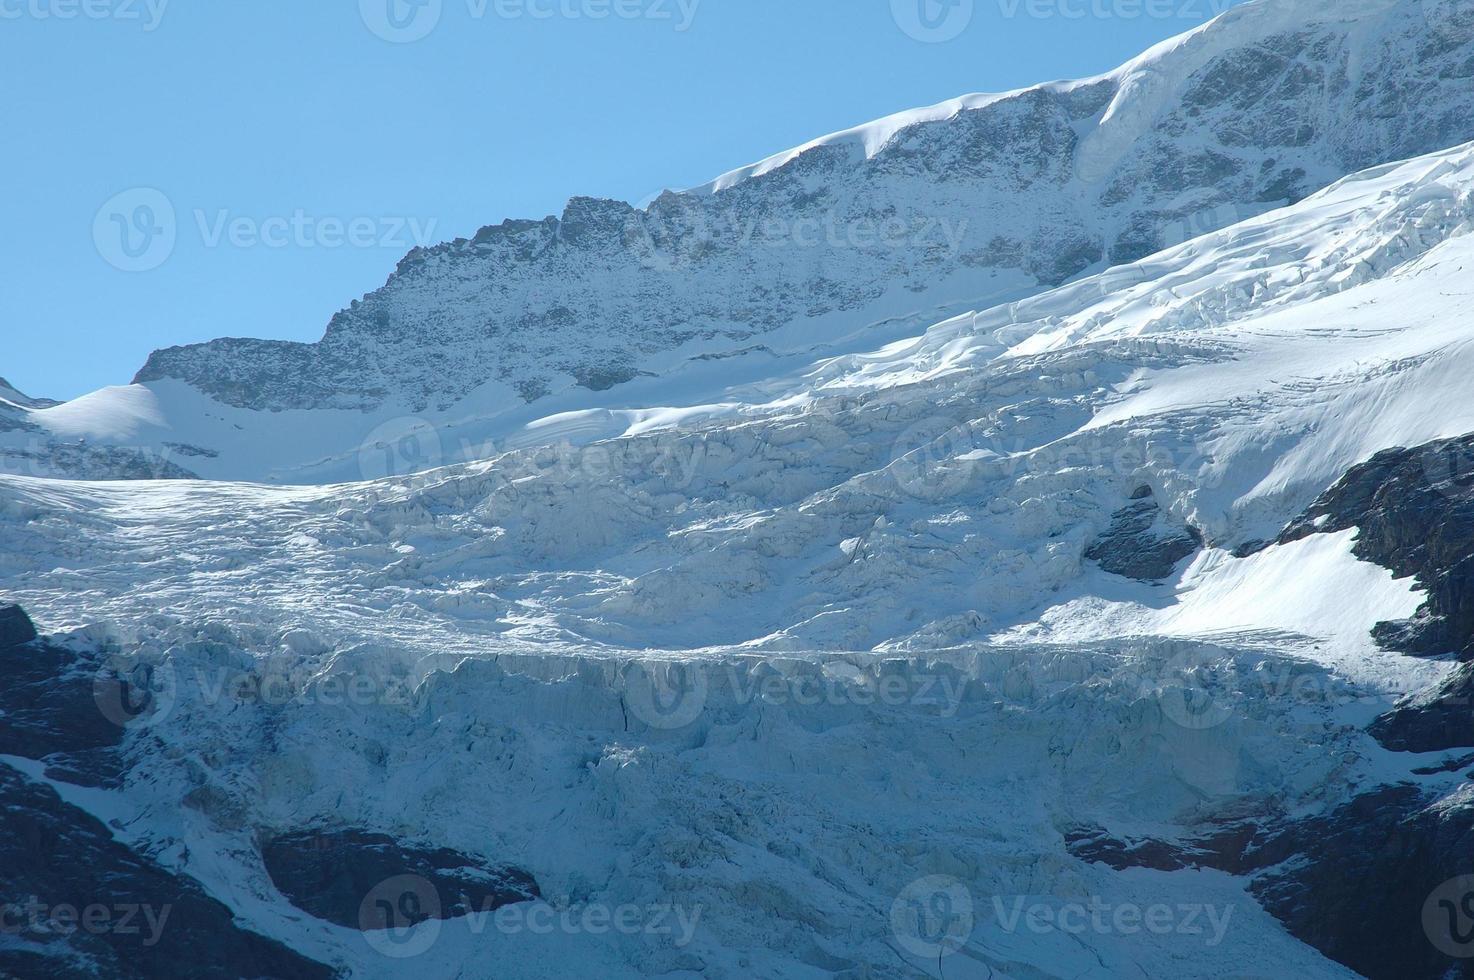 Gletscher in der Nähe von Grindelwald in den Alpen der Schweiz foto